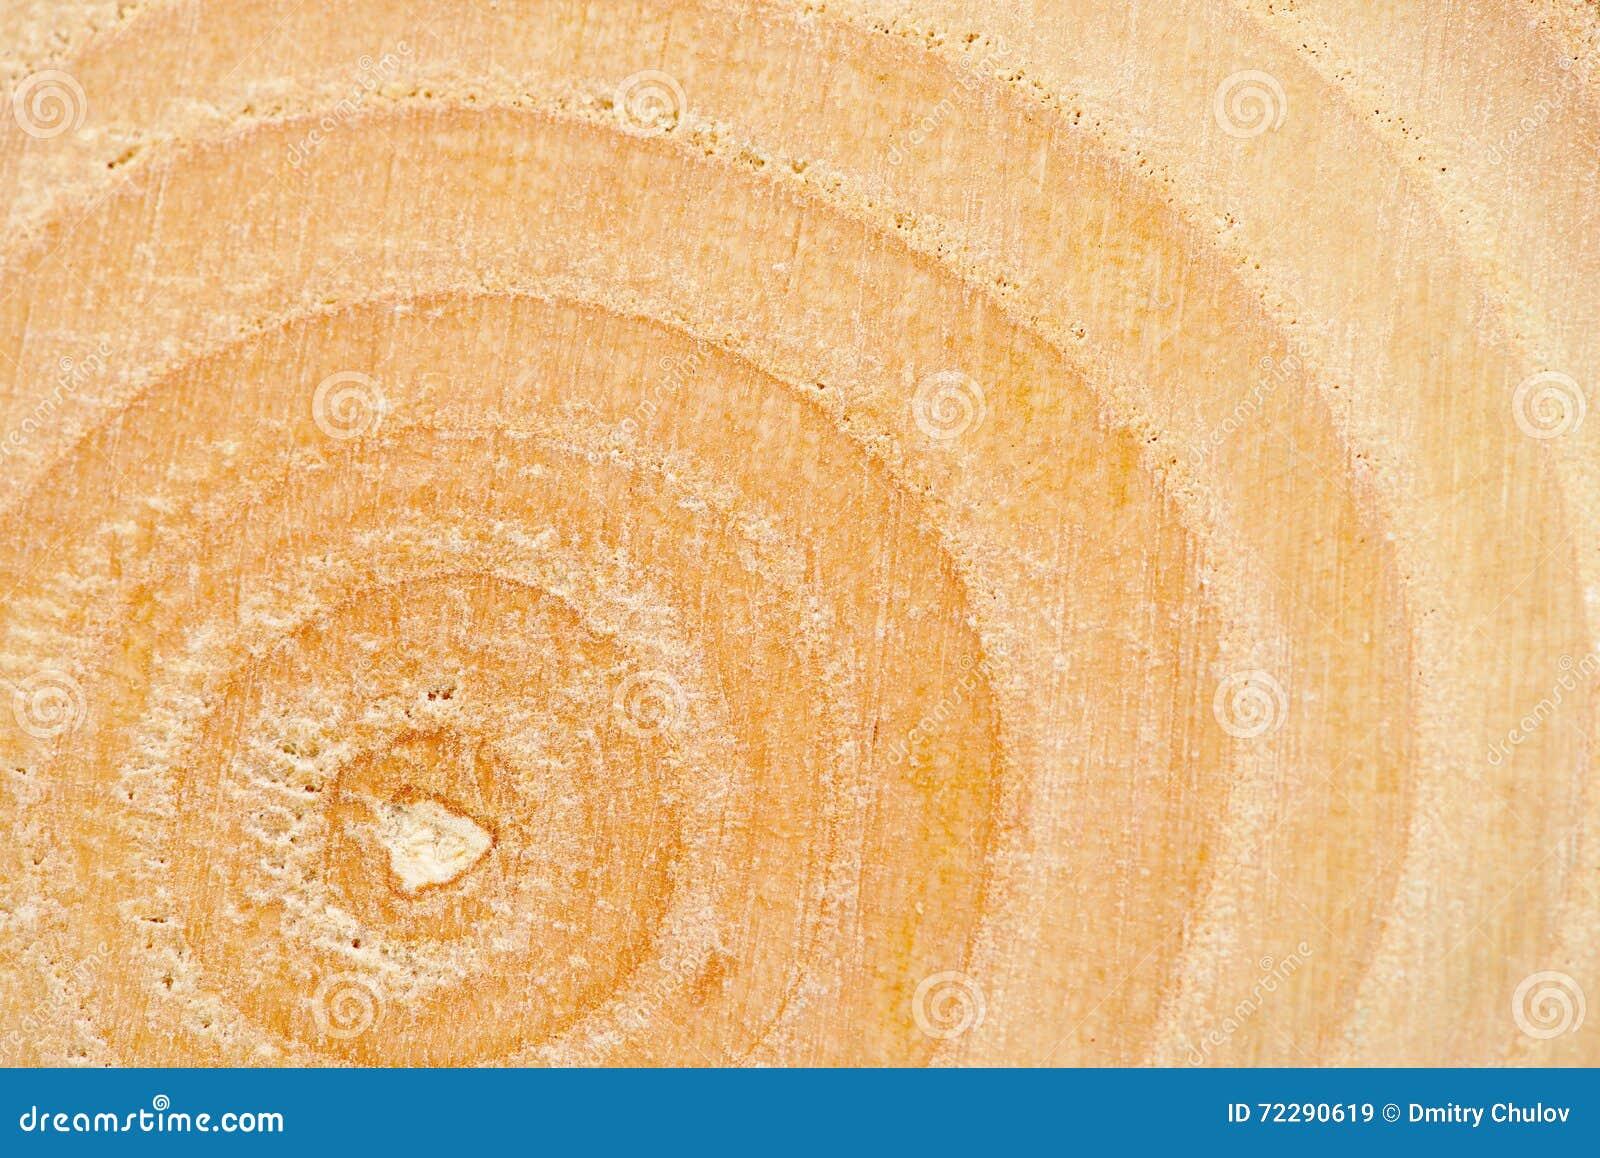 Download Предпосылка крупного плана года звенит текстура уникально дерева золы Relict (sogdiana Fraxinus) Стоковое Изображение - изображение насчитывающей макрос, материал: 72290619